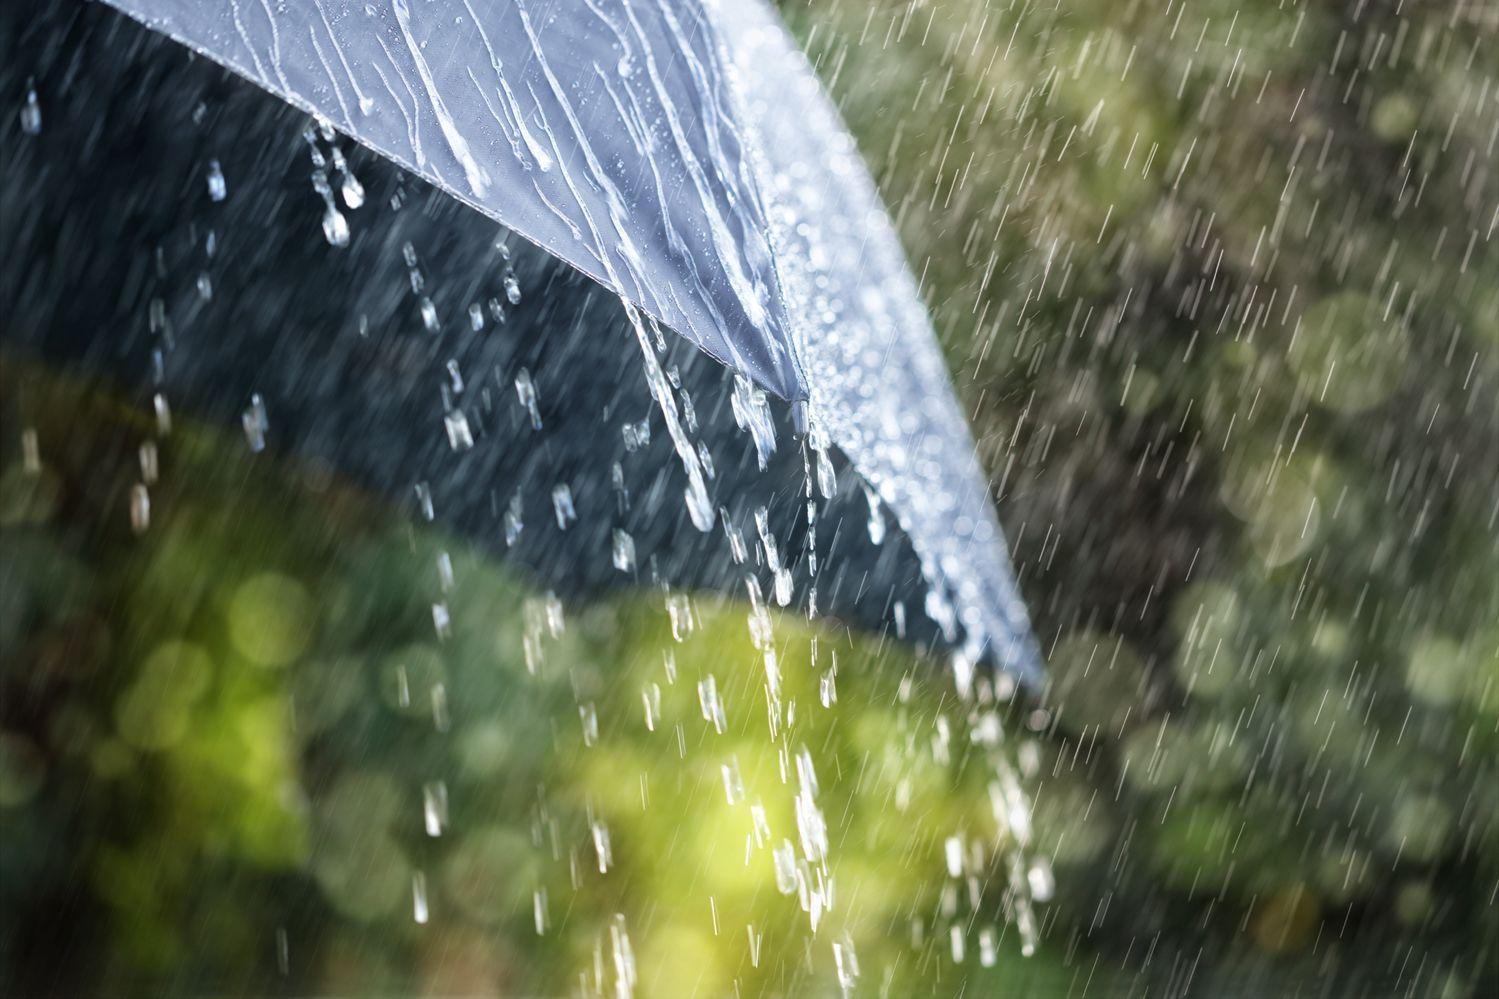 Погода в Казахстане: дожди ожидаются на севере страны